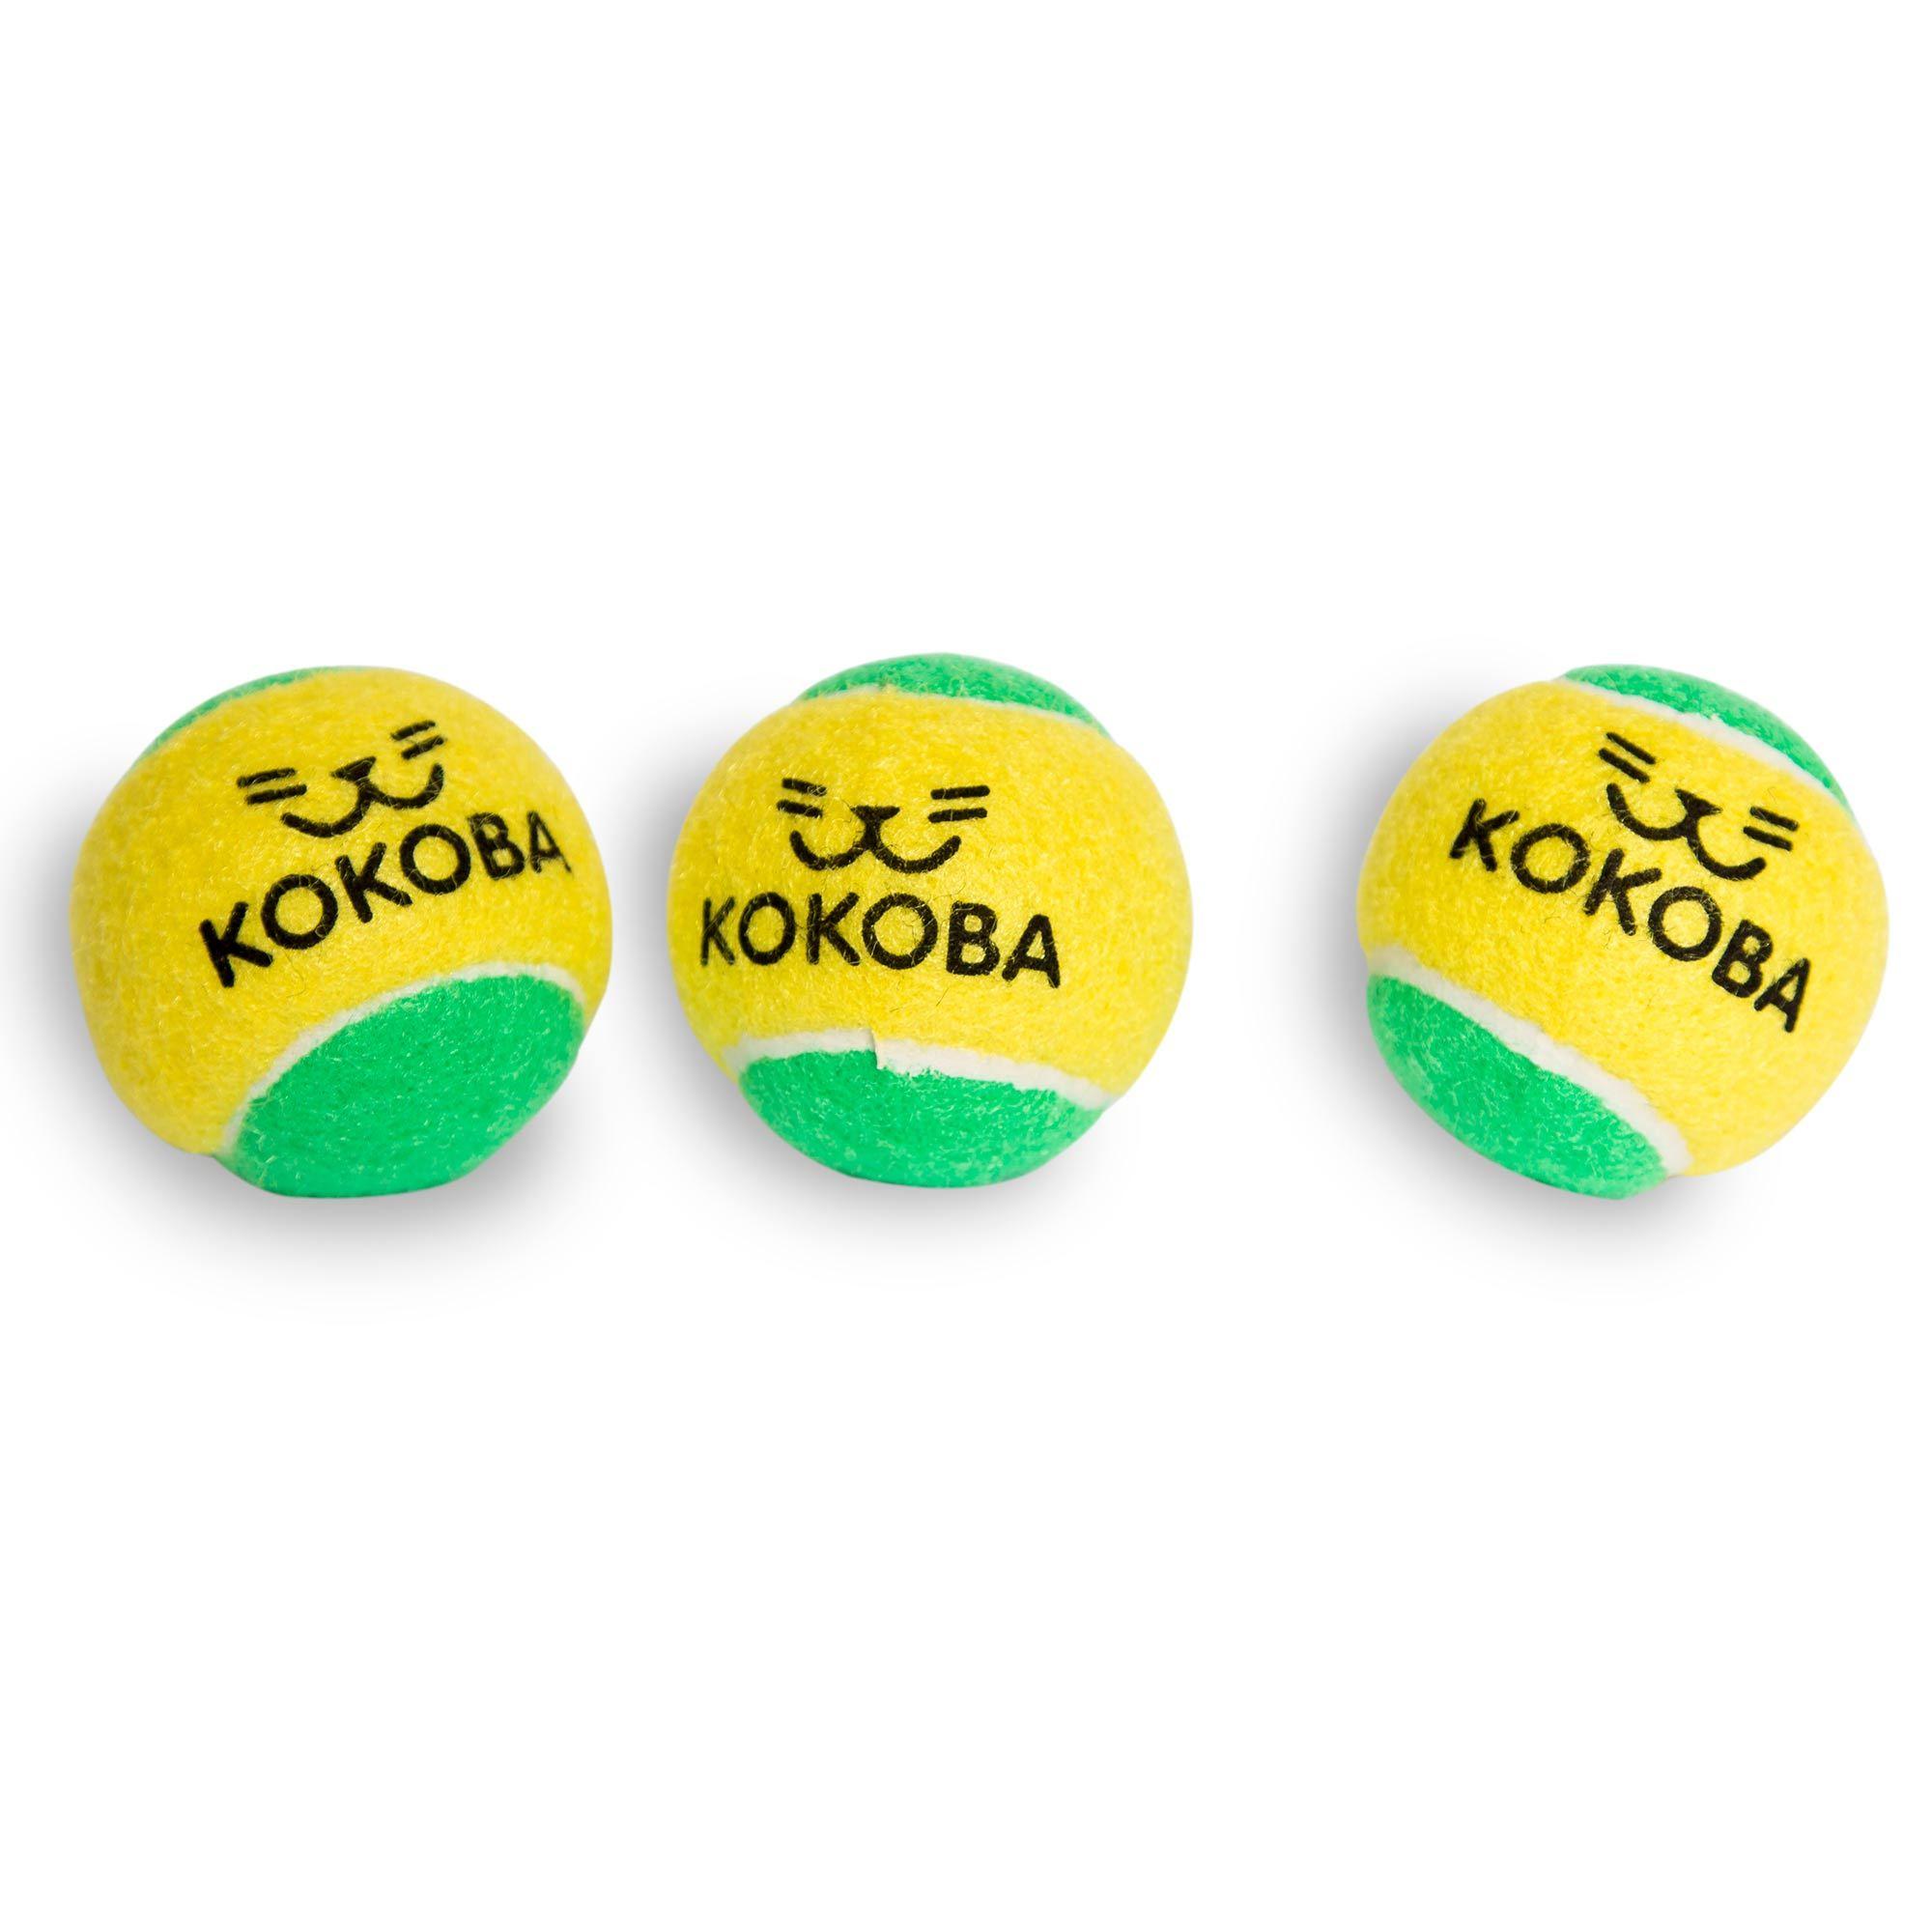 Kokoba 3 Dog Tennis Ball Toys